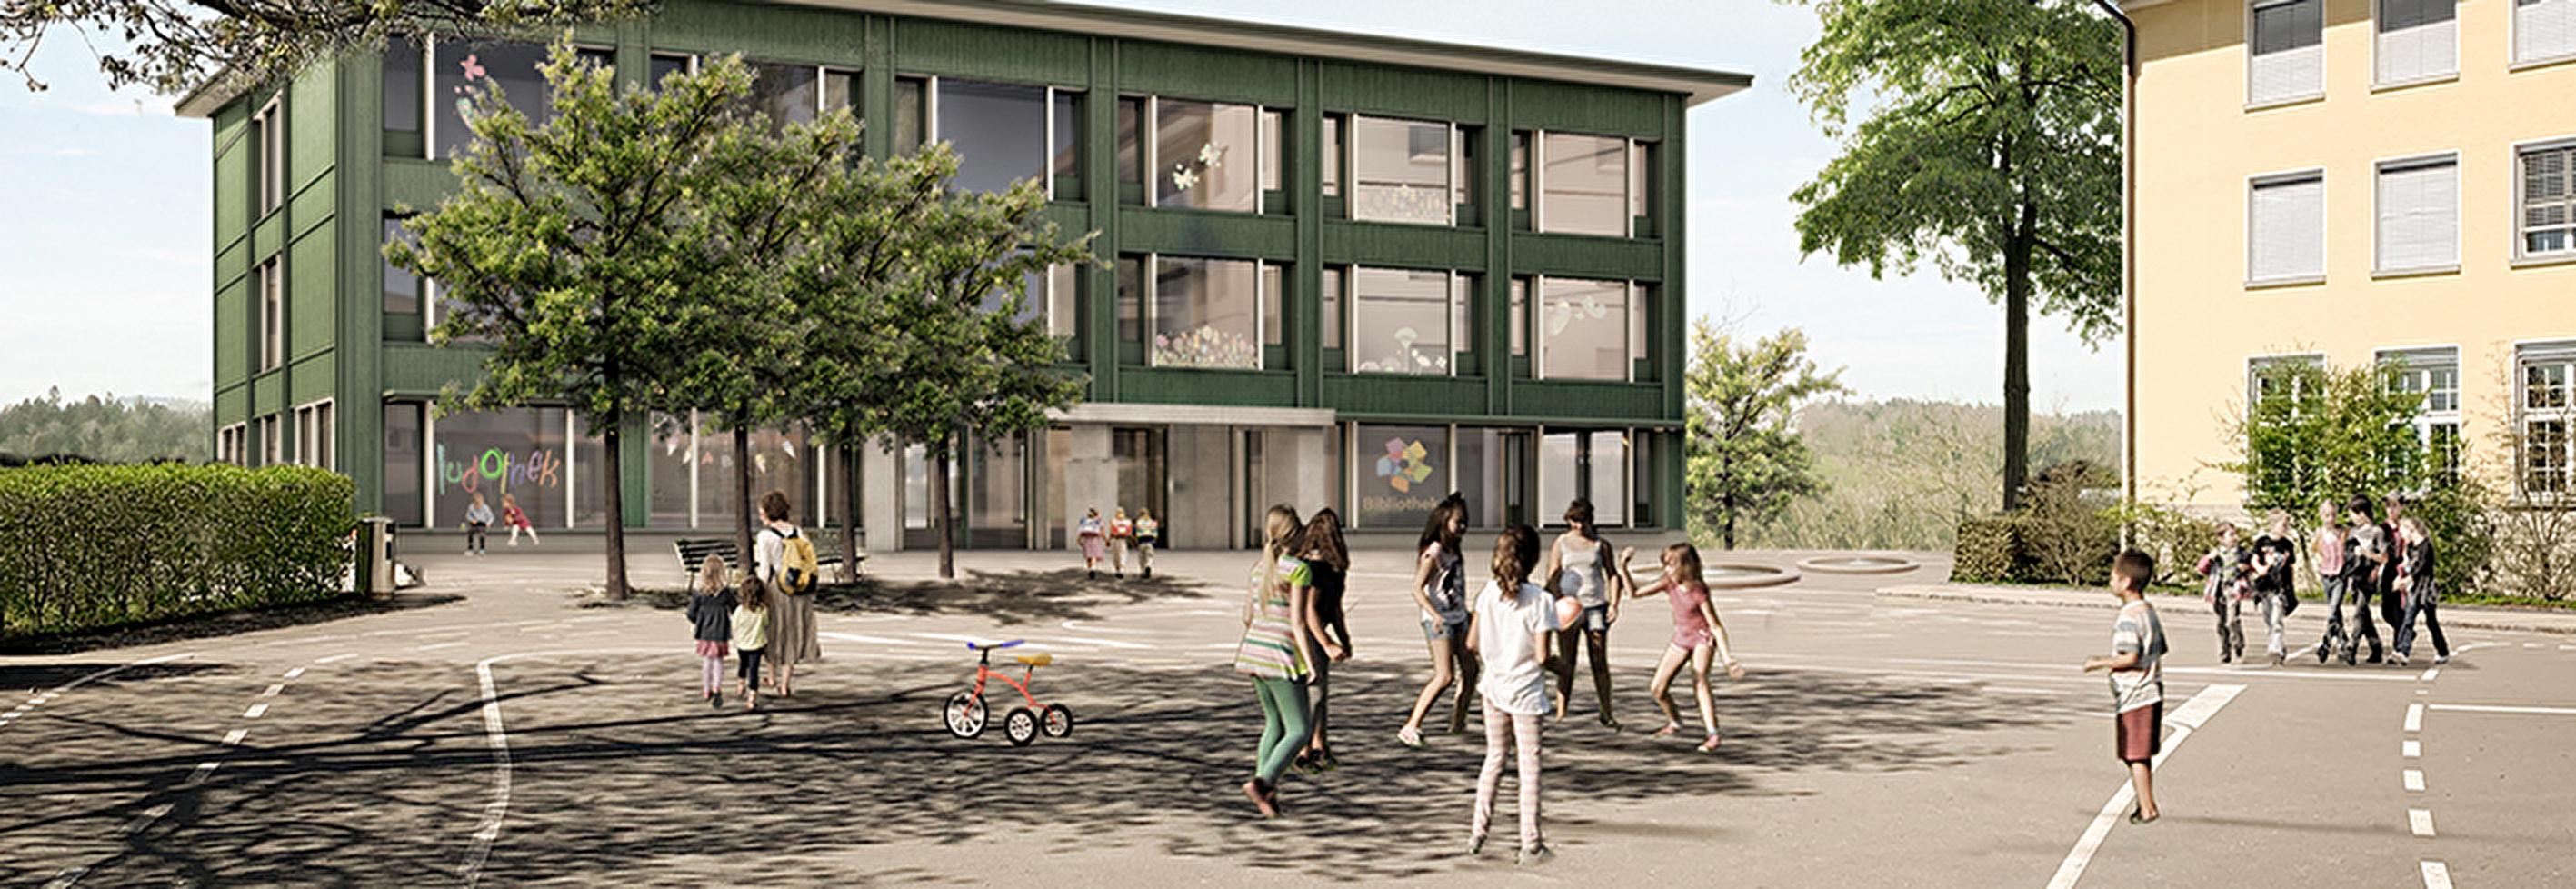 Projektwettbewerb Schulhaus Littau Dorf